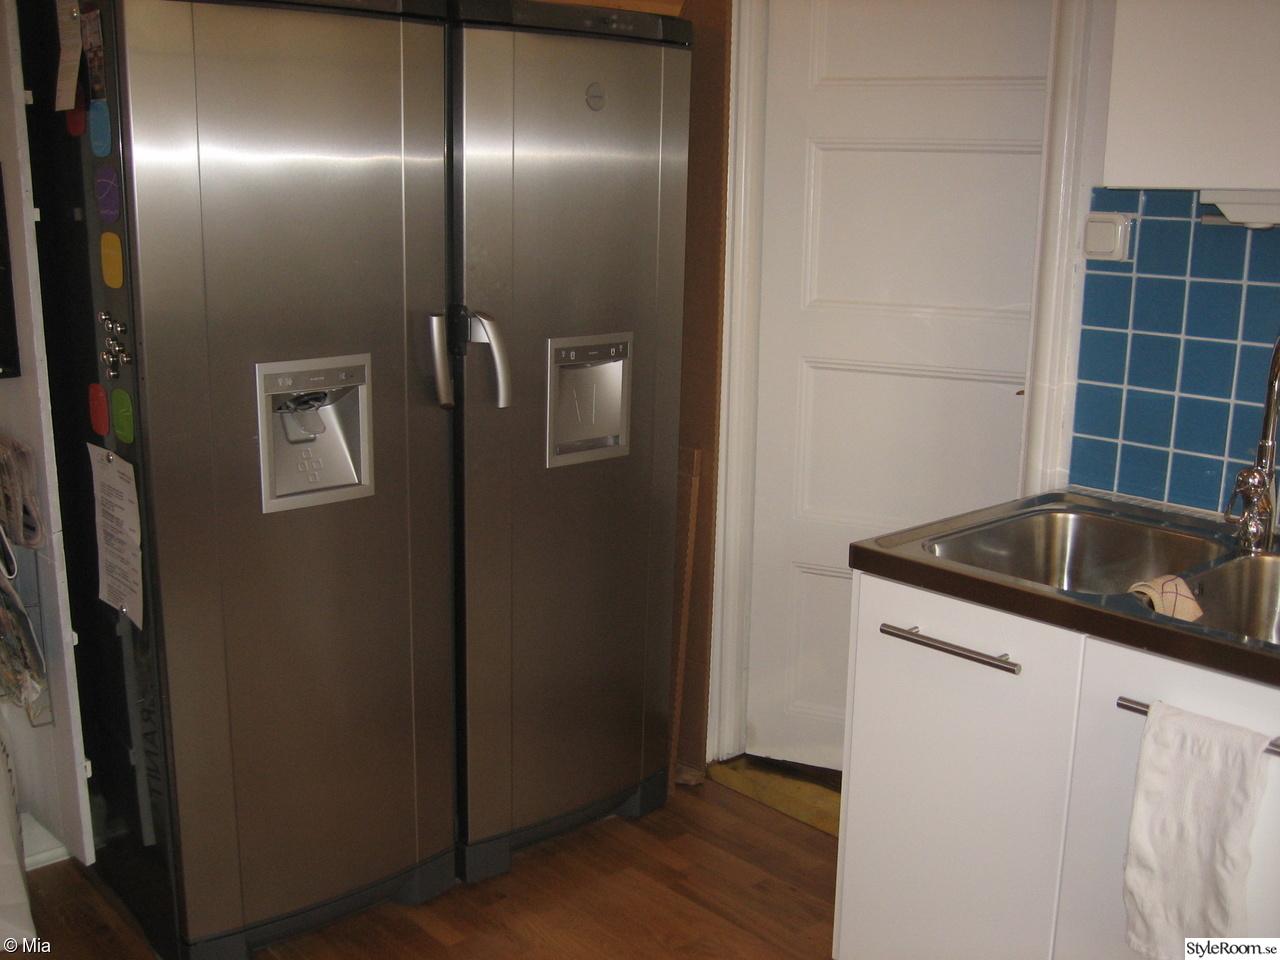 Toppen av linan 139723410772 Ikea Kyl Frys, FÃ¥ idéer, exempel ... : kylskåp ismaskin : Inredning